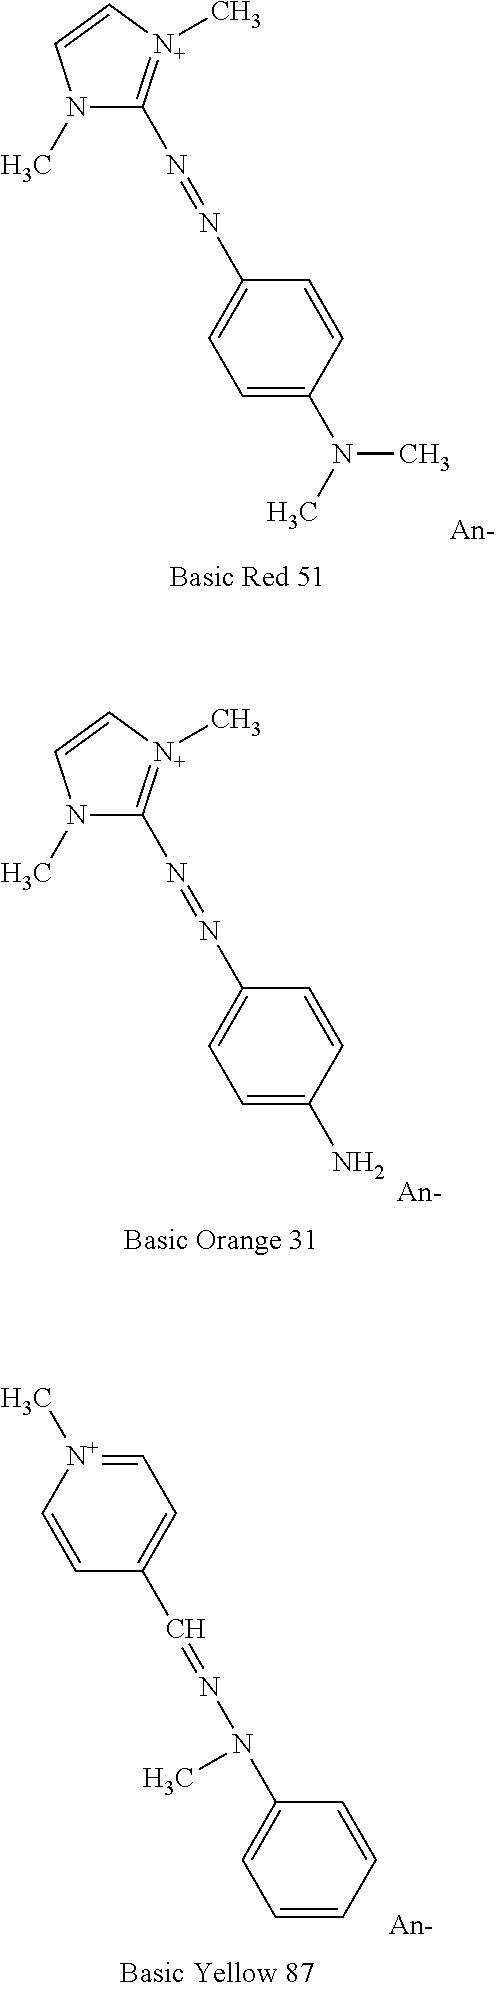 Figure US09750678-20170905-C00006